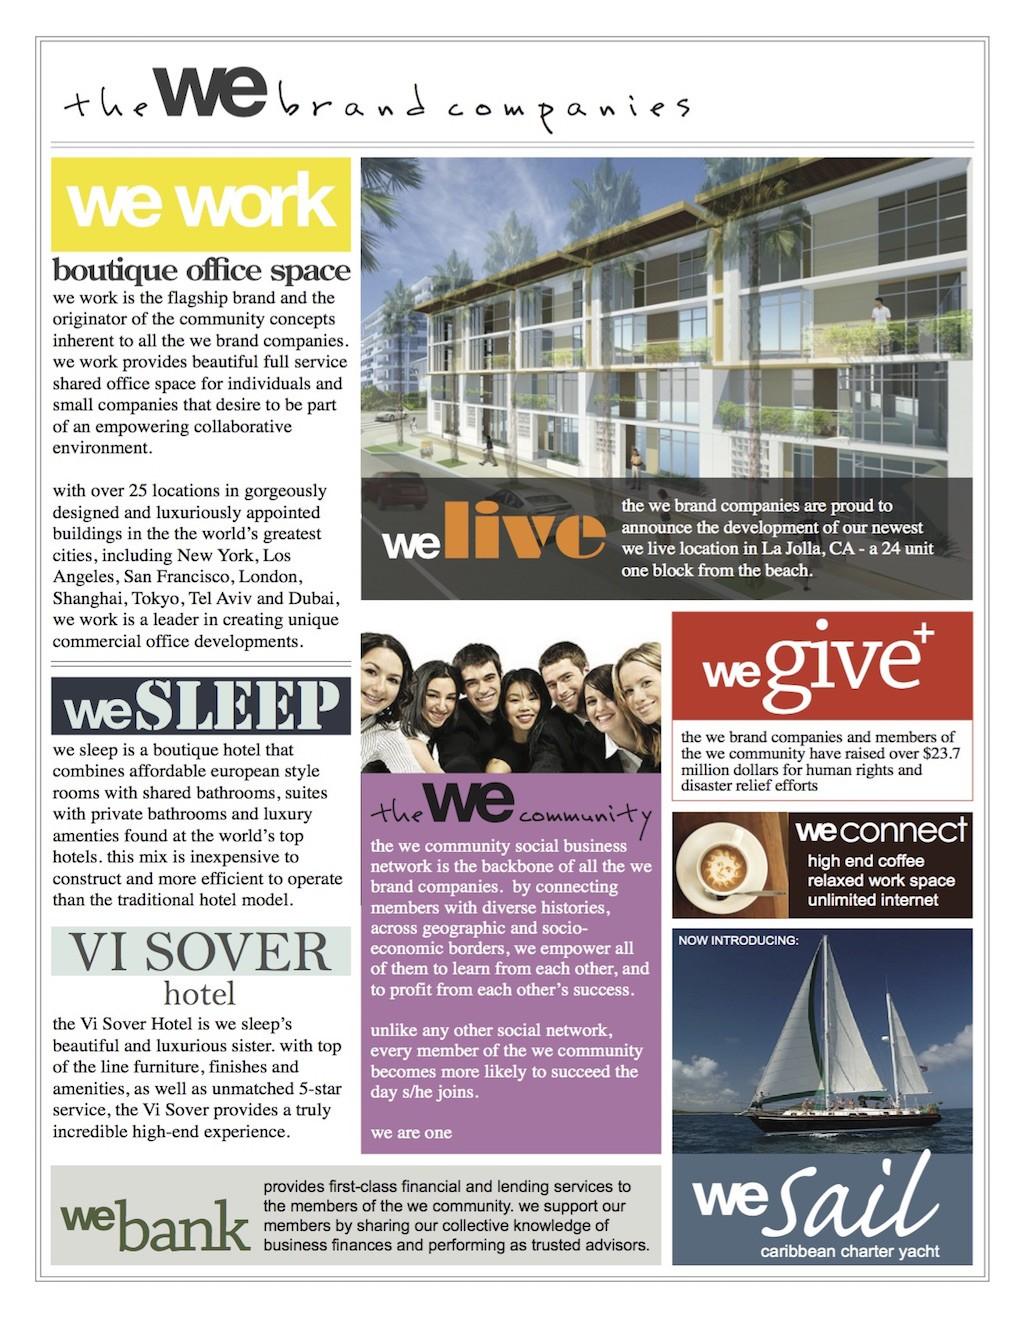 Folheto de apresentação do WeWork, feito em 2009, previa outras atividades para a empresa, com WeBank e WeSleep (Foto: Reprodução/We Company)